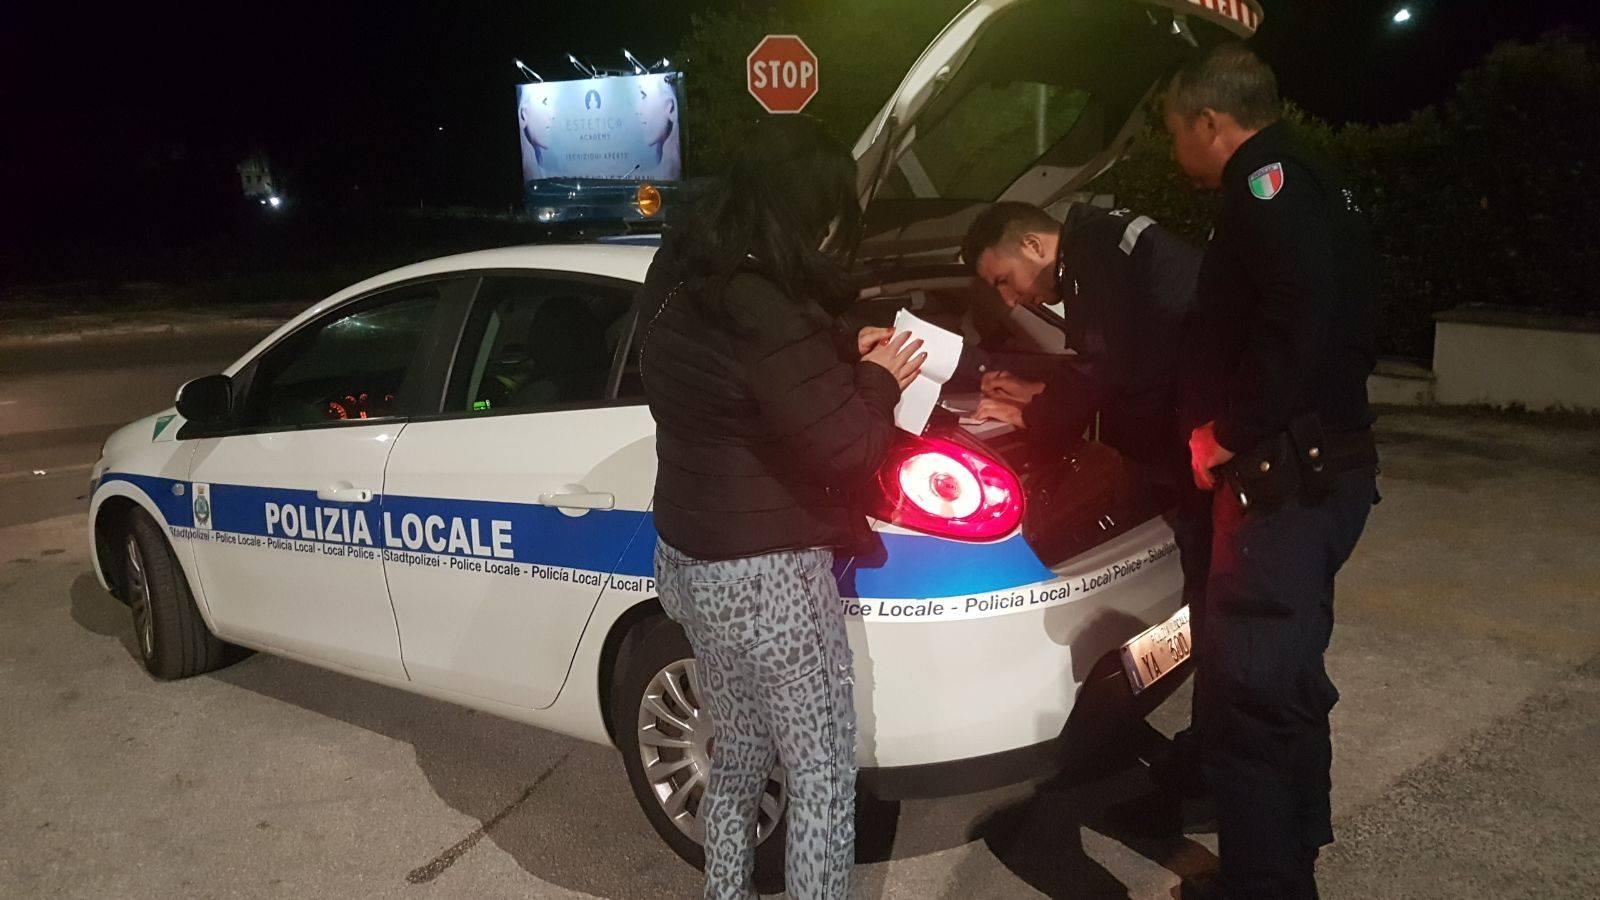 Polizia locale Avezzano, iniziati i pattugliamenti notturni contro la criminalità